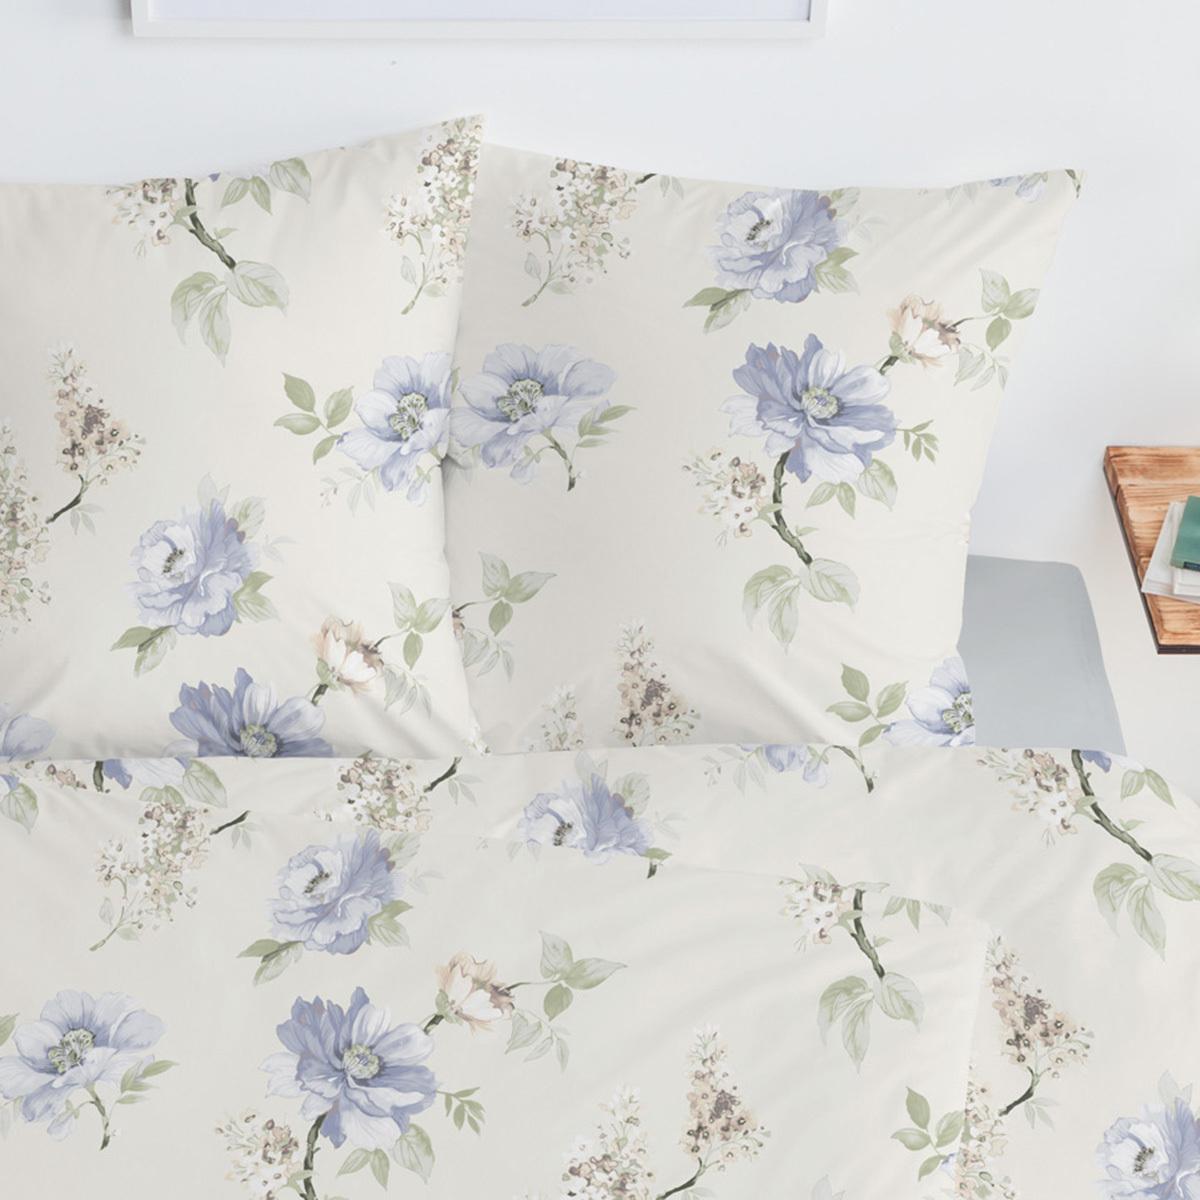 estella mako satin bettw sche 7028 160 hellblau g nstig online kaufen bei bettwaren shop. Black Bedroom Furniture Sets. Home Design Ideas